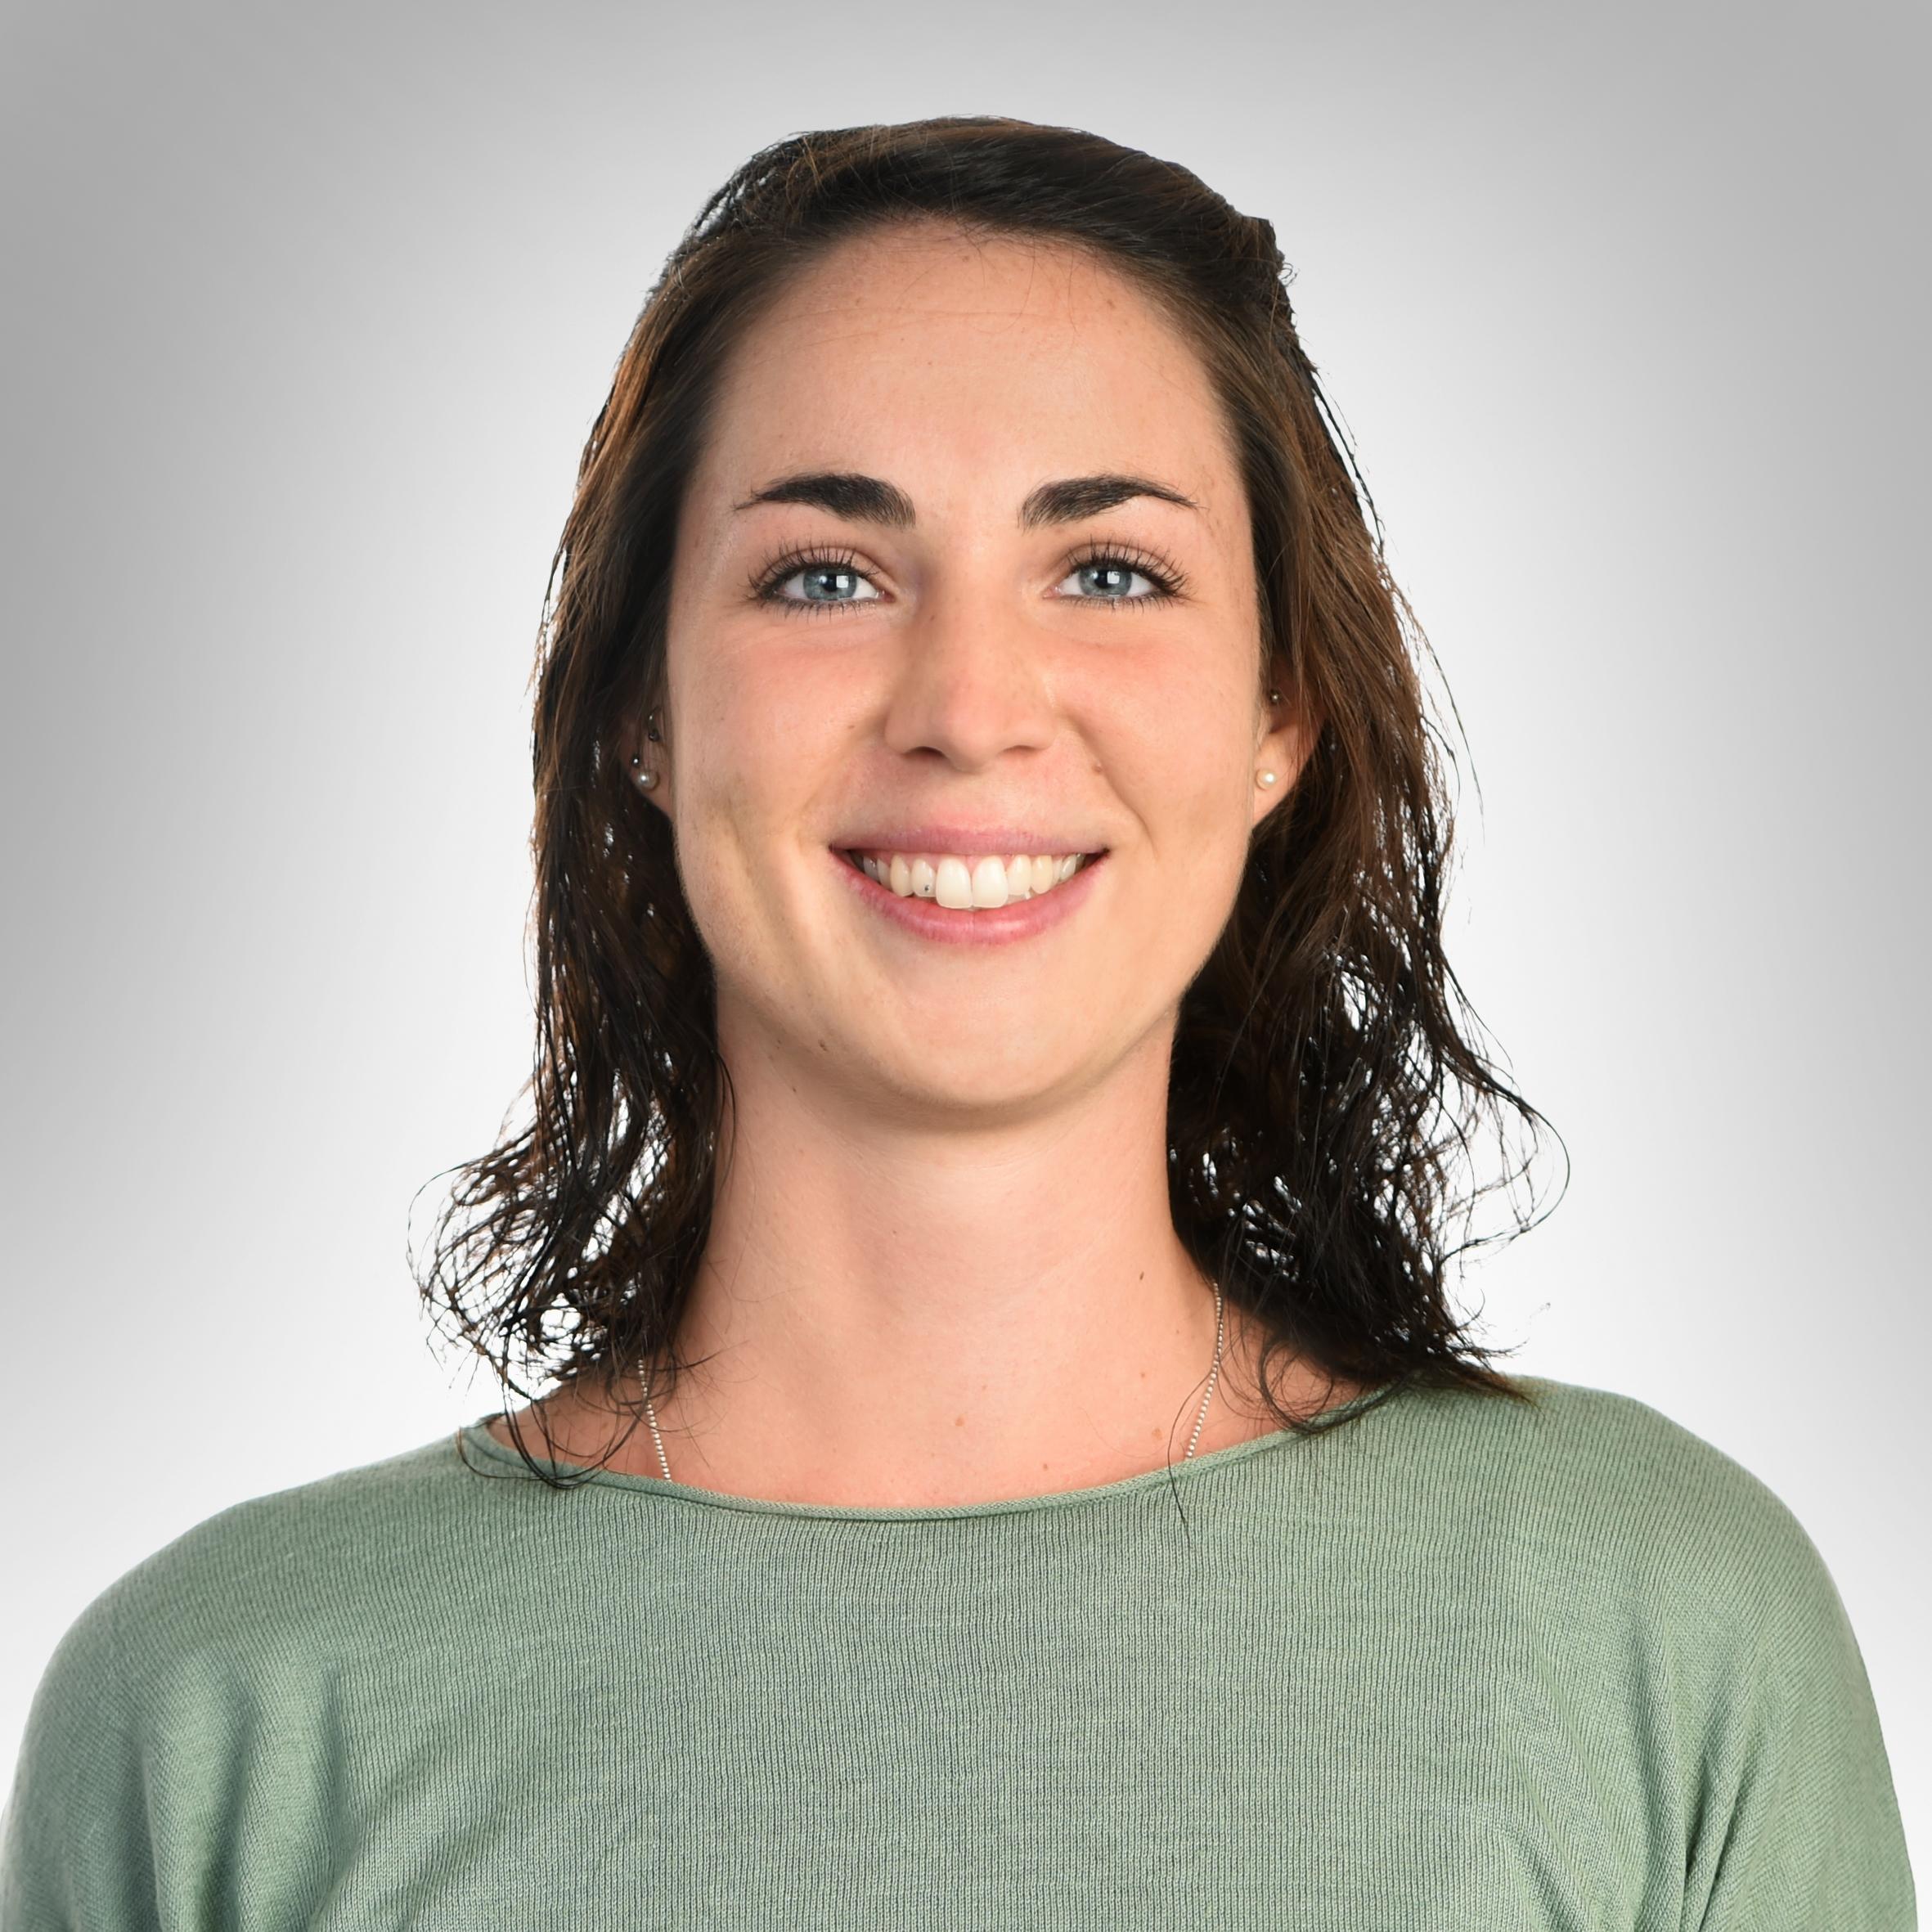 Franziska Wernli   Franziska WernlI ist MITERZIEHENDE auf der VORSCHULgruppe. FRANZISKA ist ausgebildete Fachfrau Betreuung Kind.